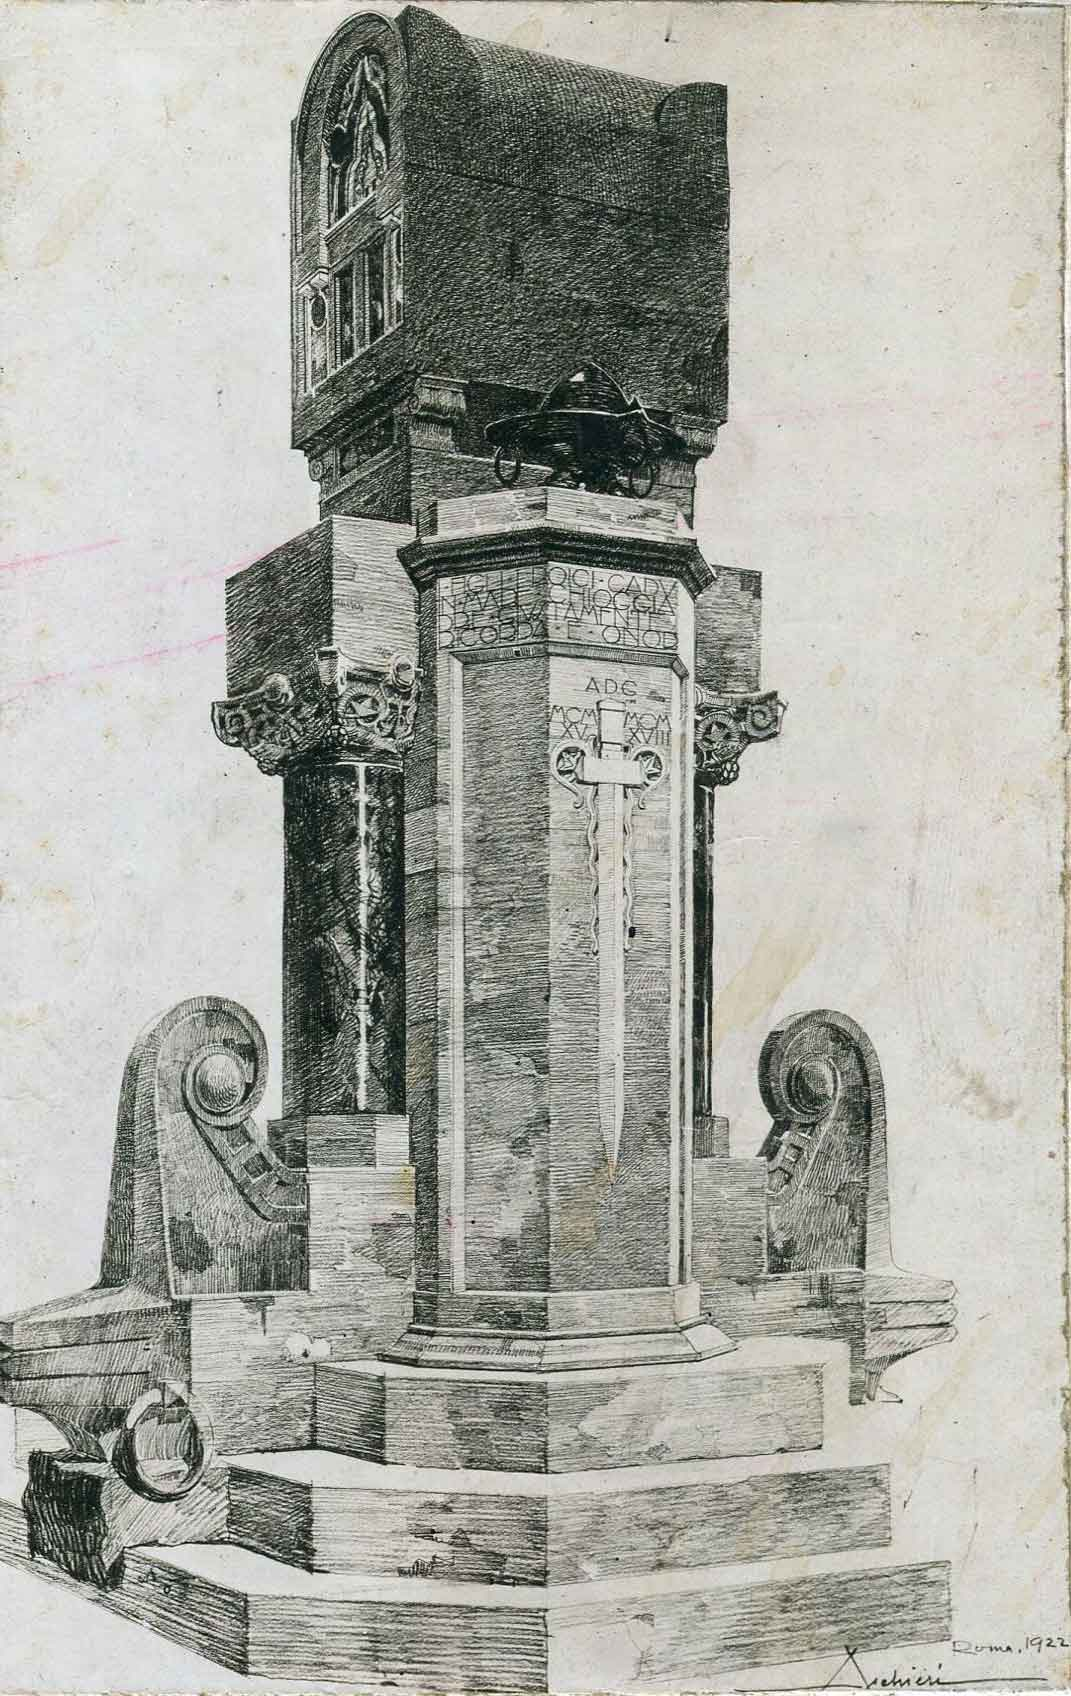 Progetto per un monumento commemorativo